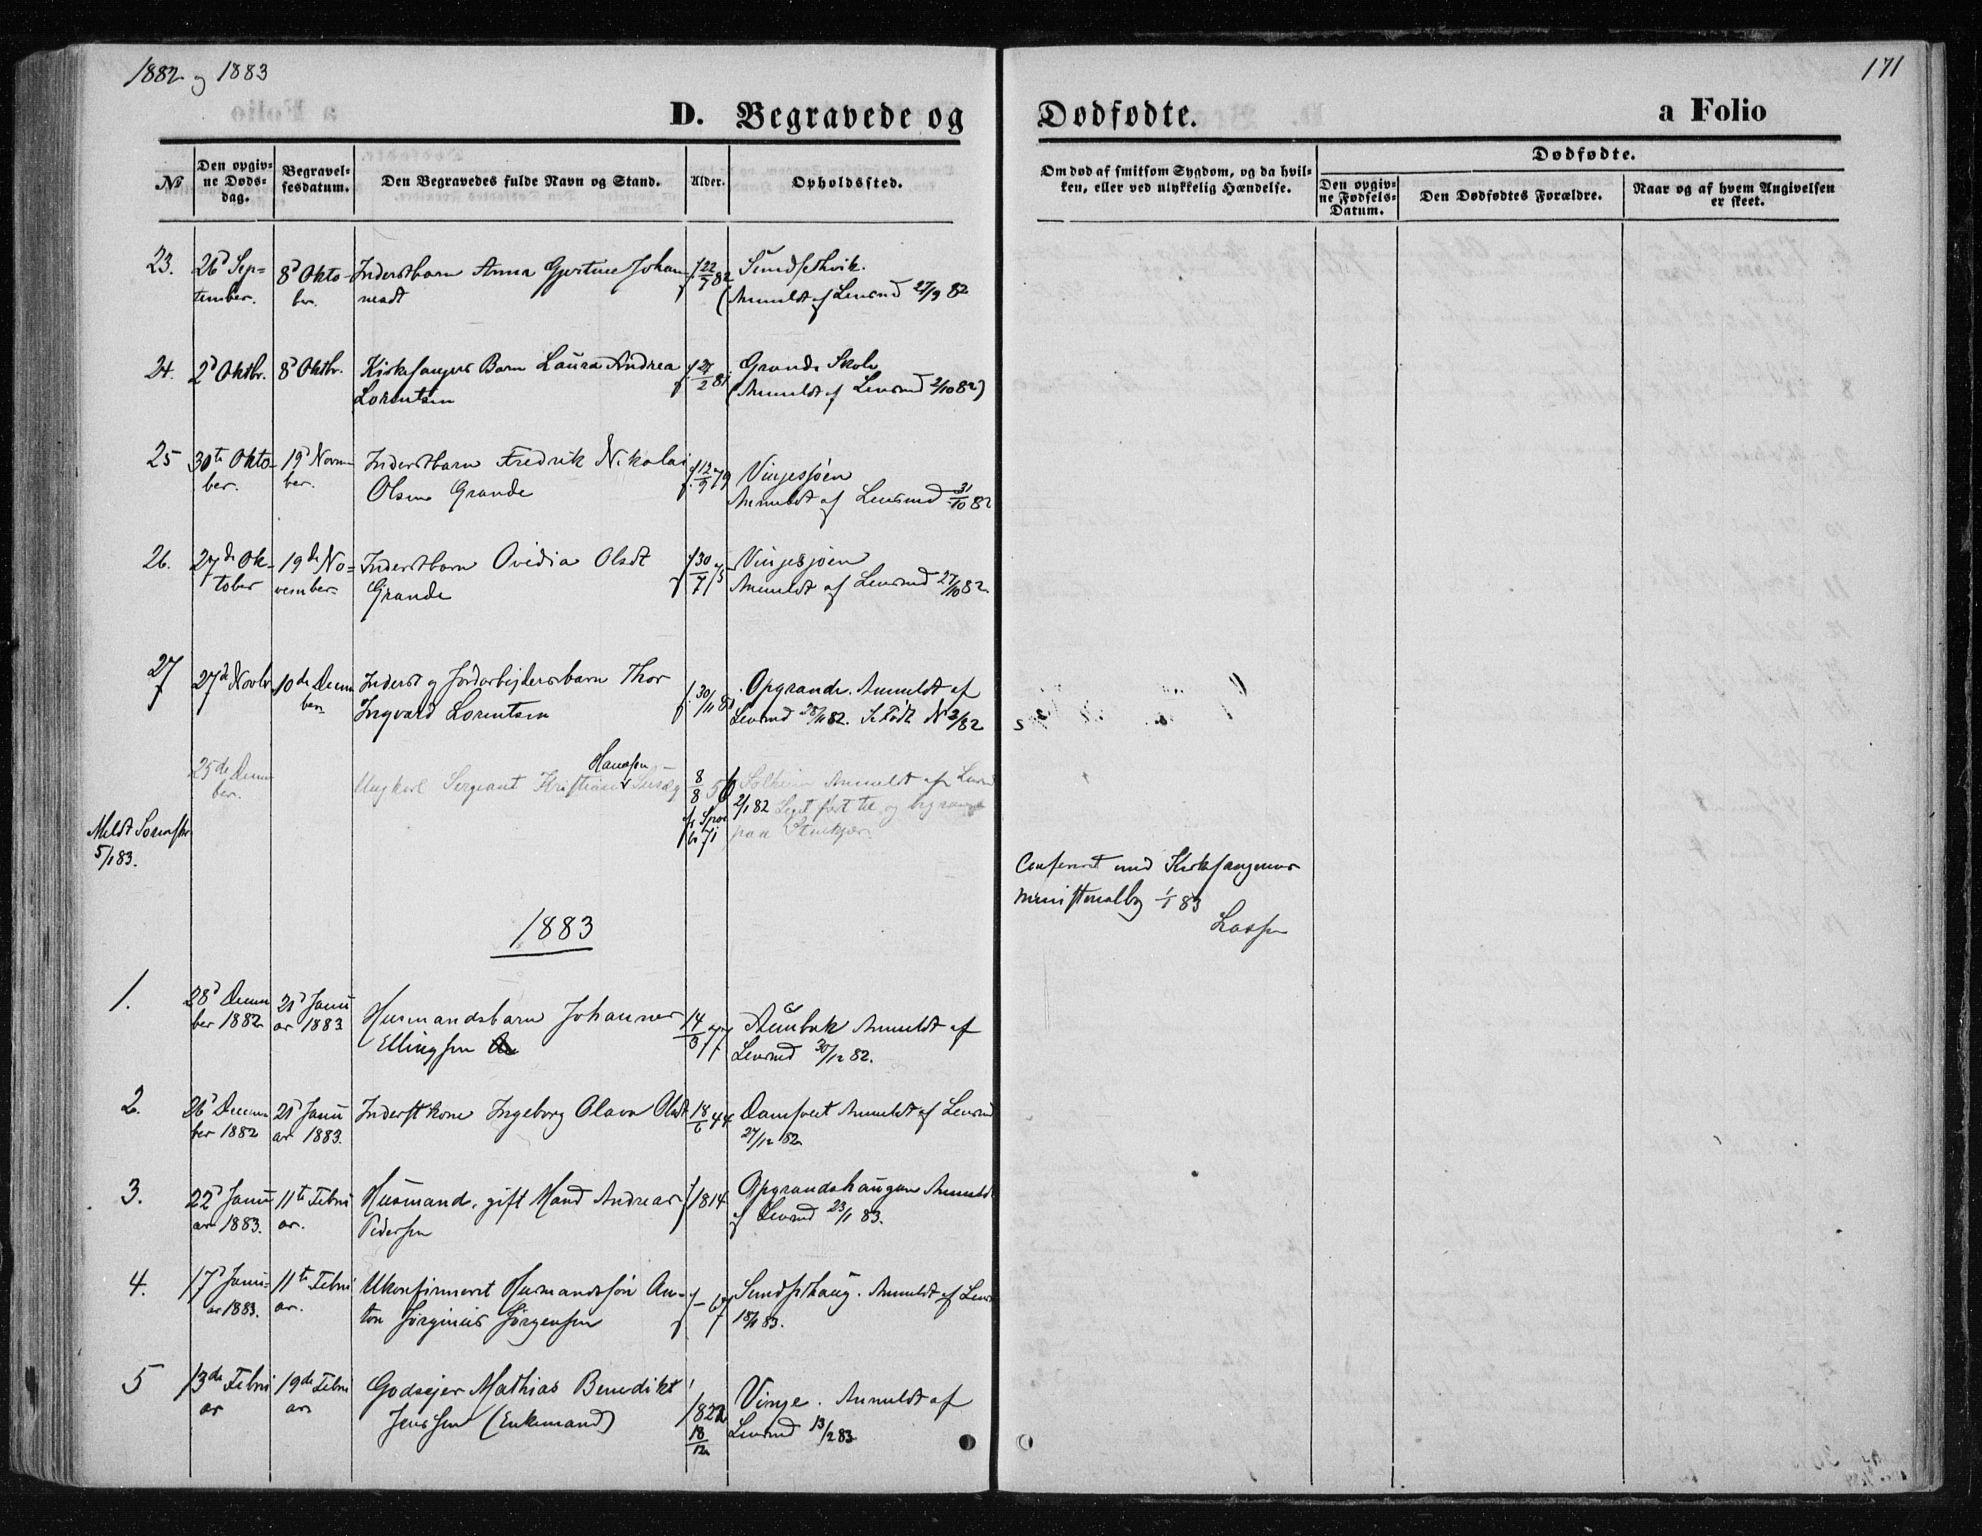 SAT, Ministerialprotokoller, klokkerbøker og fødselsregistre - Nord-Trøndelag, 733/L0324: Ministerialbok nr. 733A03, 1870-1883, s. 171